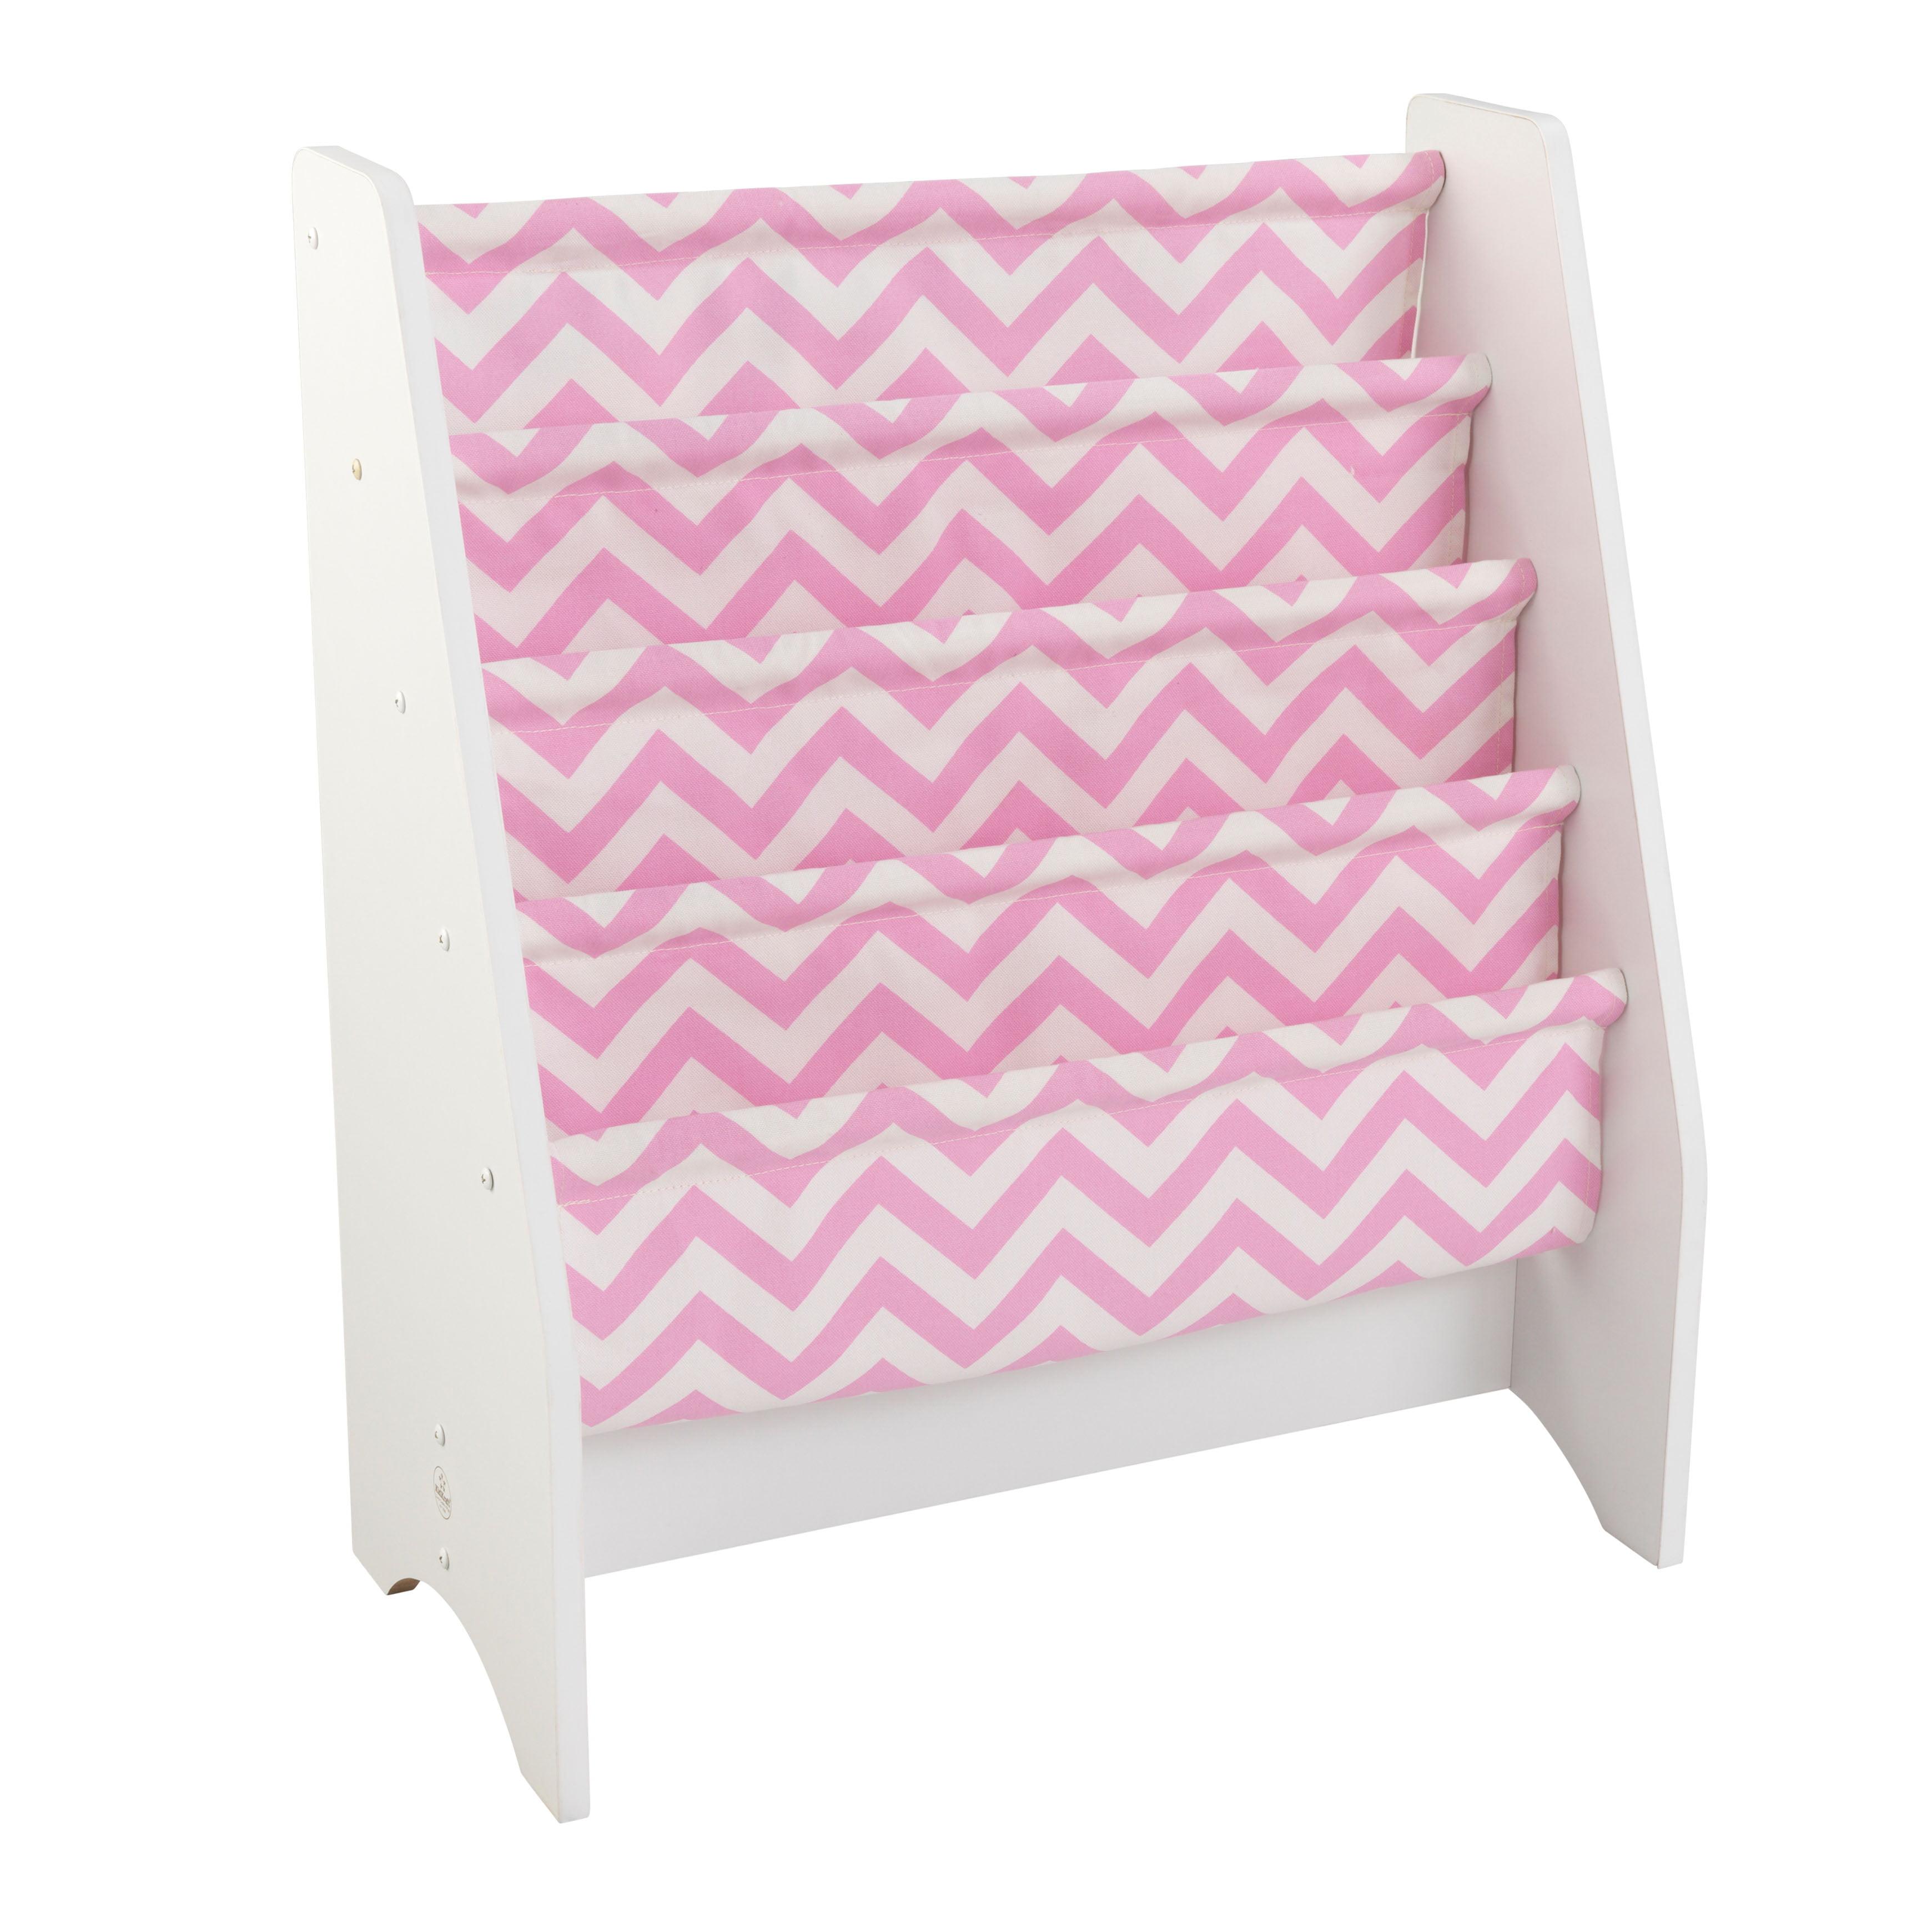 KidKraft Sling Bookshelf - Pink & White